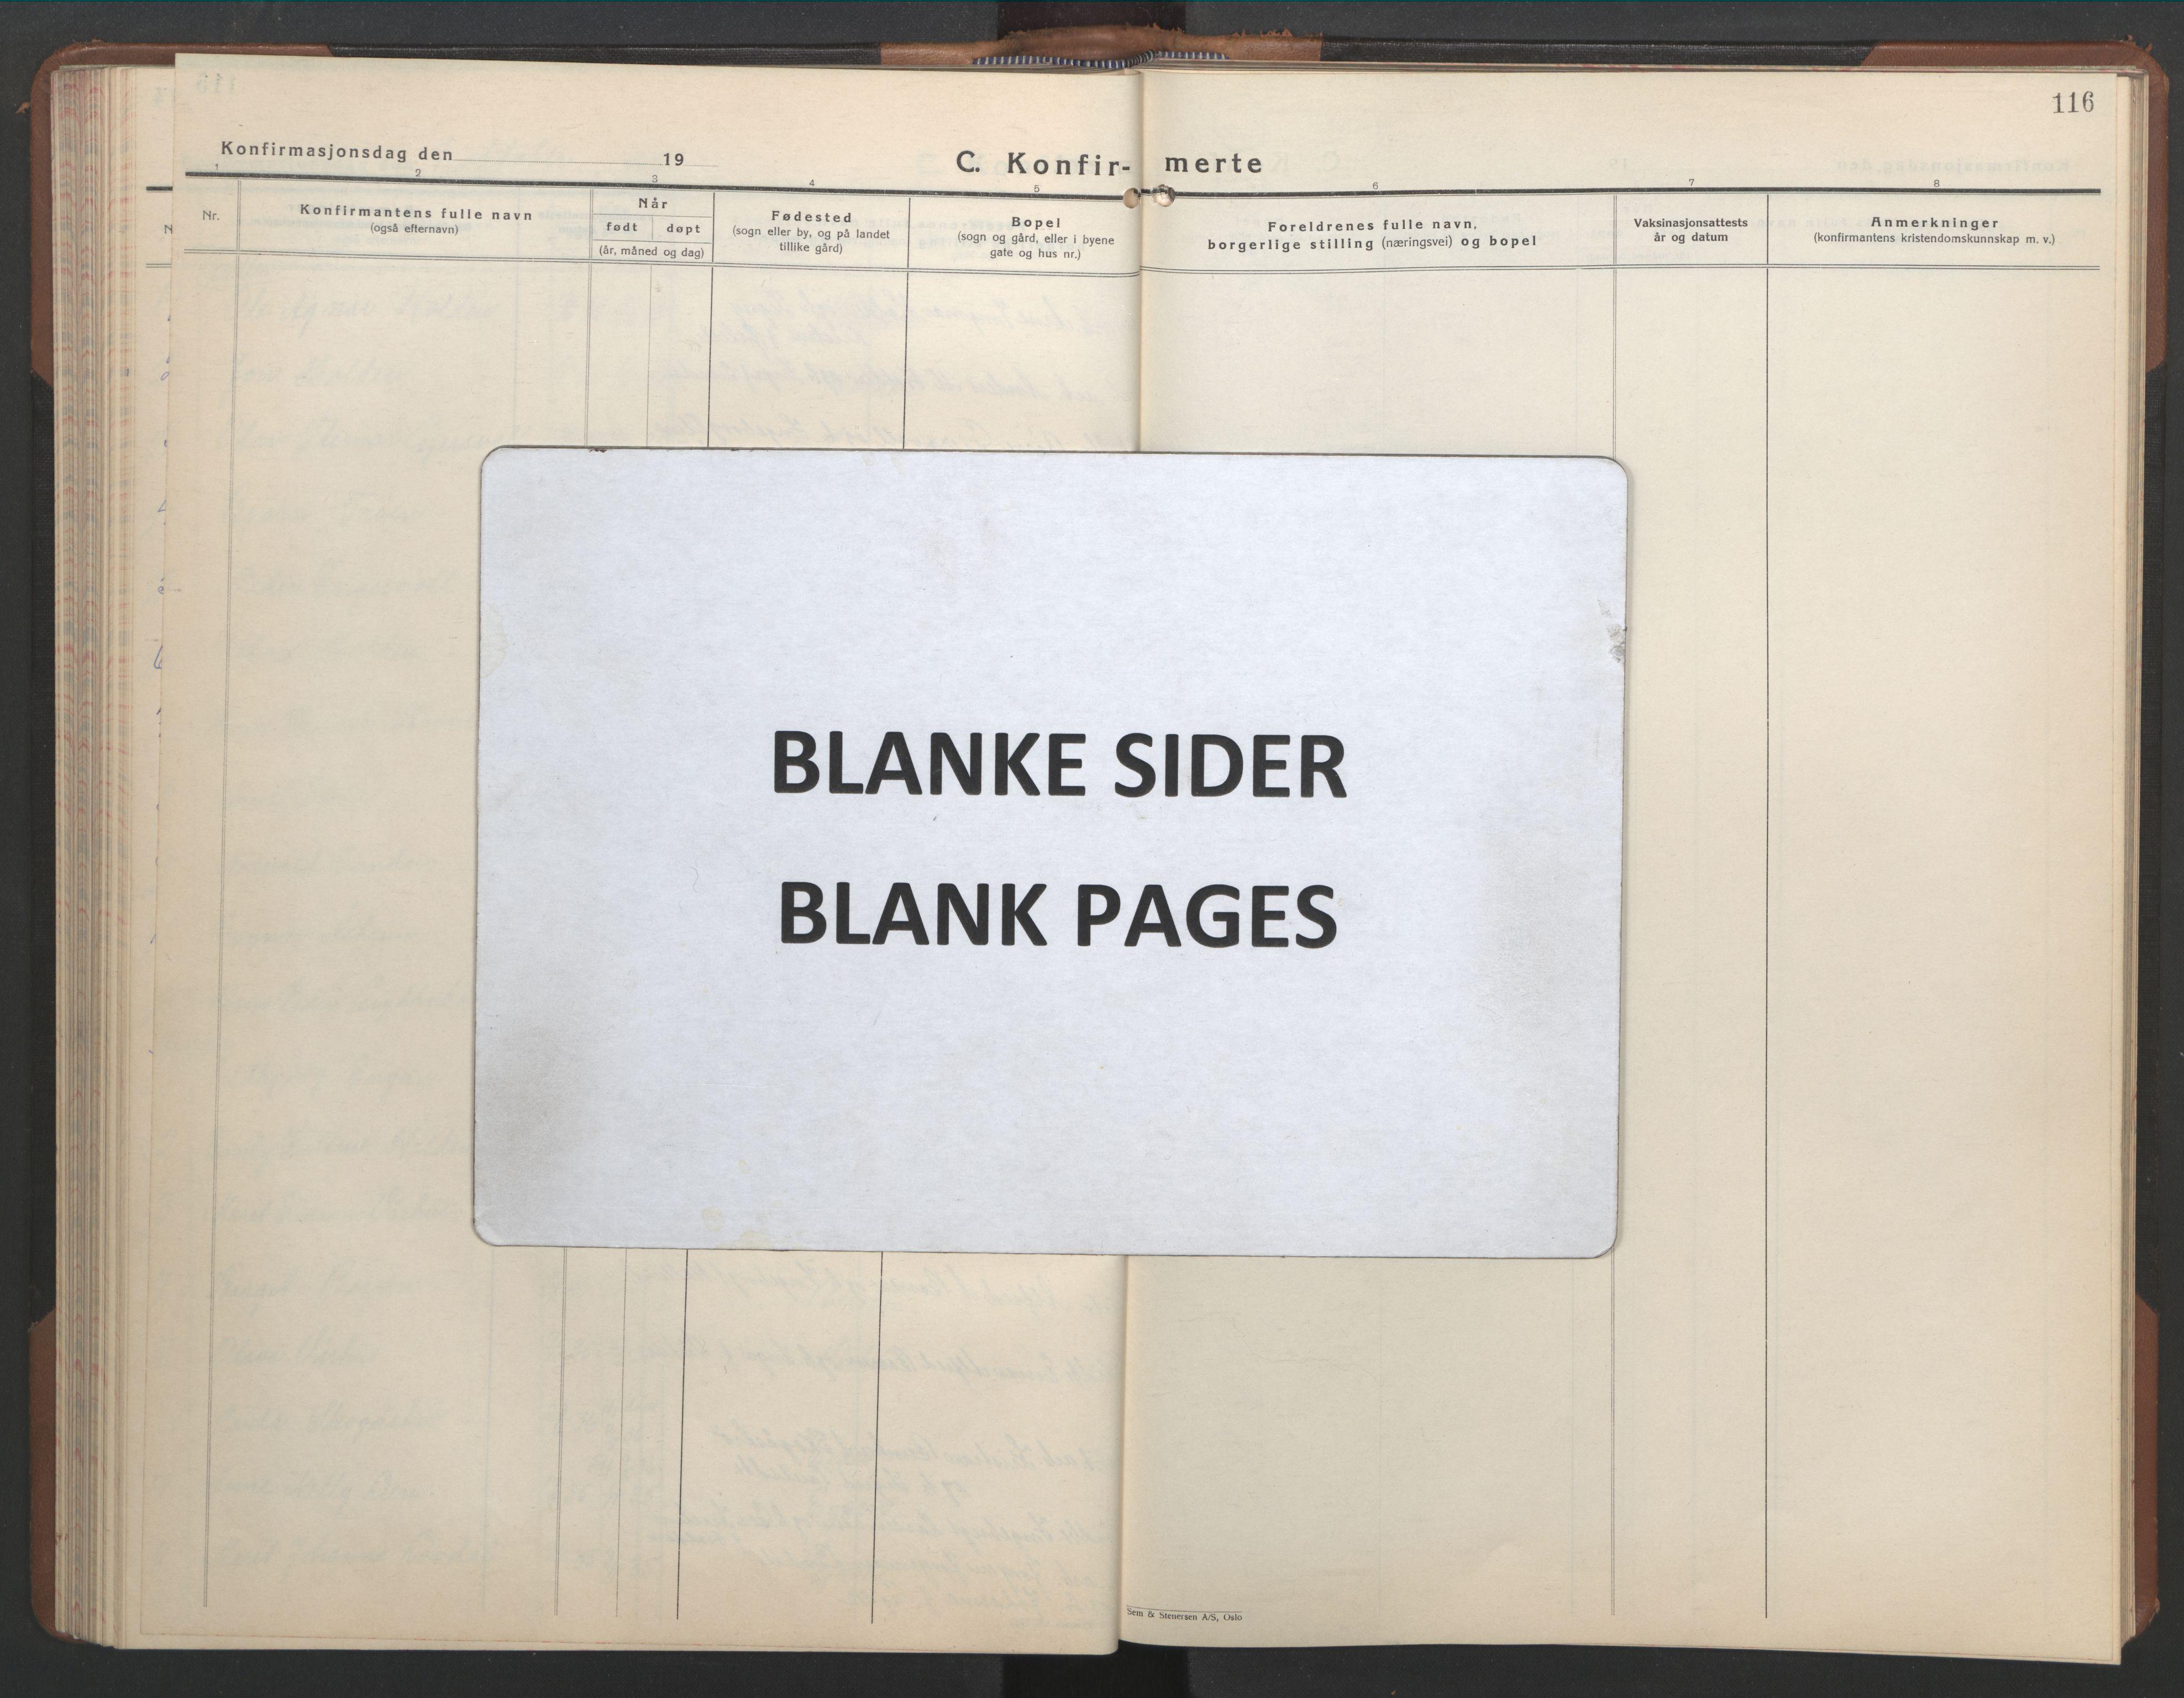 SAT, Ministerialprotokoller, klokkerbøker og fødselsregistre - Sør-Trøndelag, 686/L0986: Klokkerbok nr. 686C02, 1933-1950, s. 116